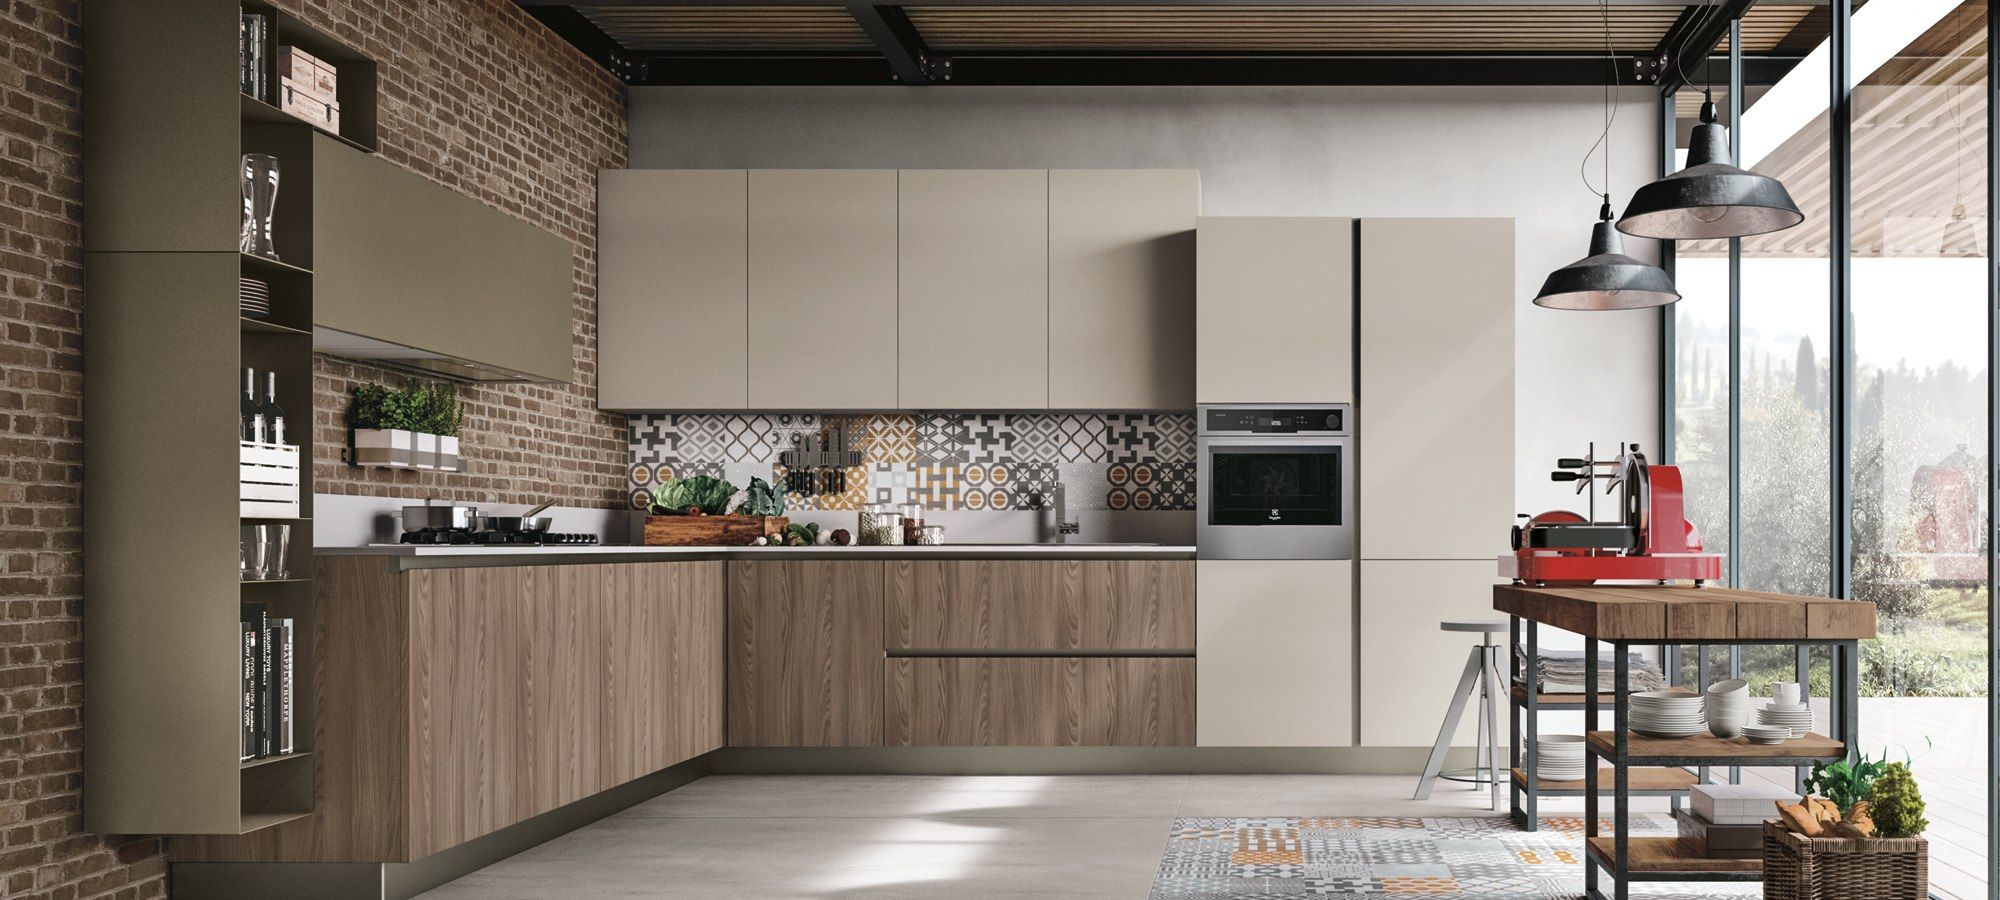 cucine moderne stosa - modello cucina infinity 13 | Kitchen ...